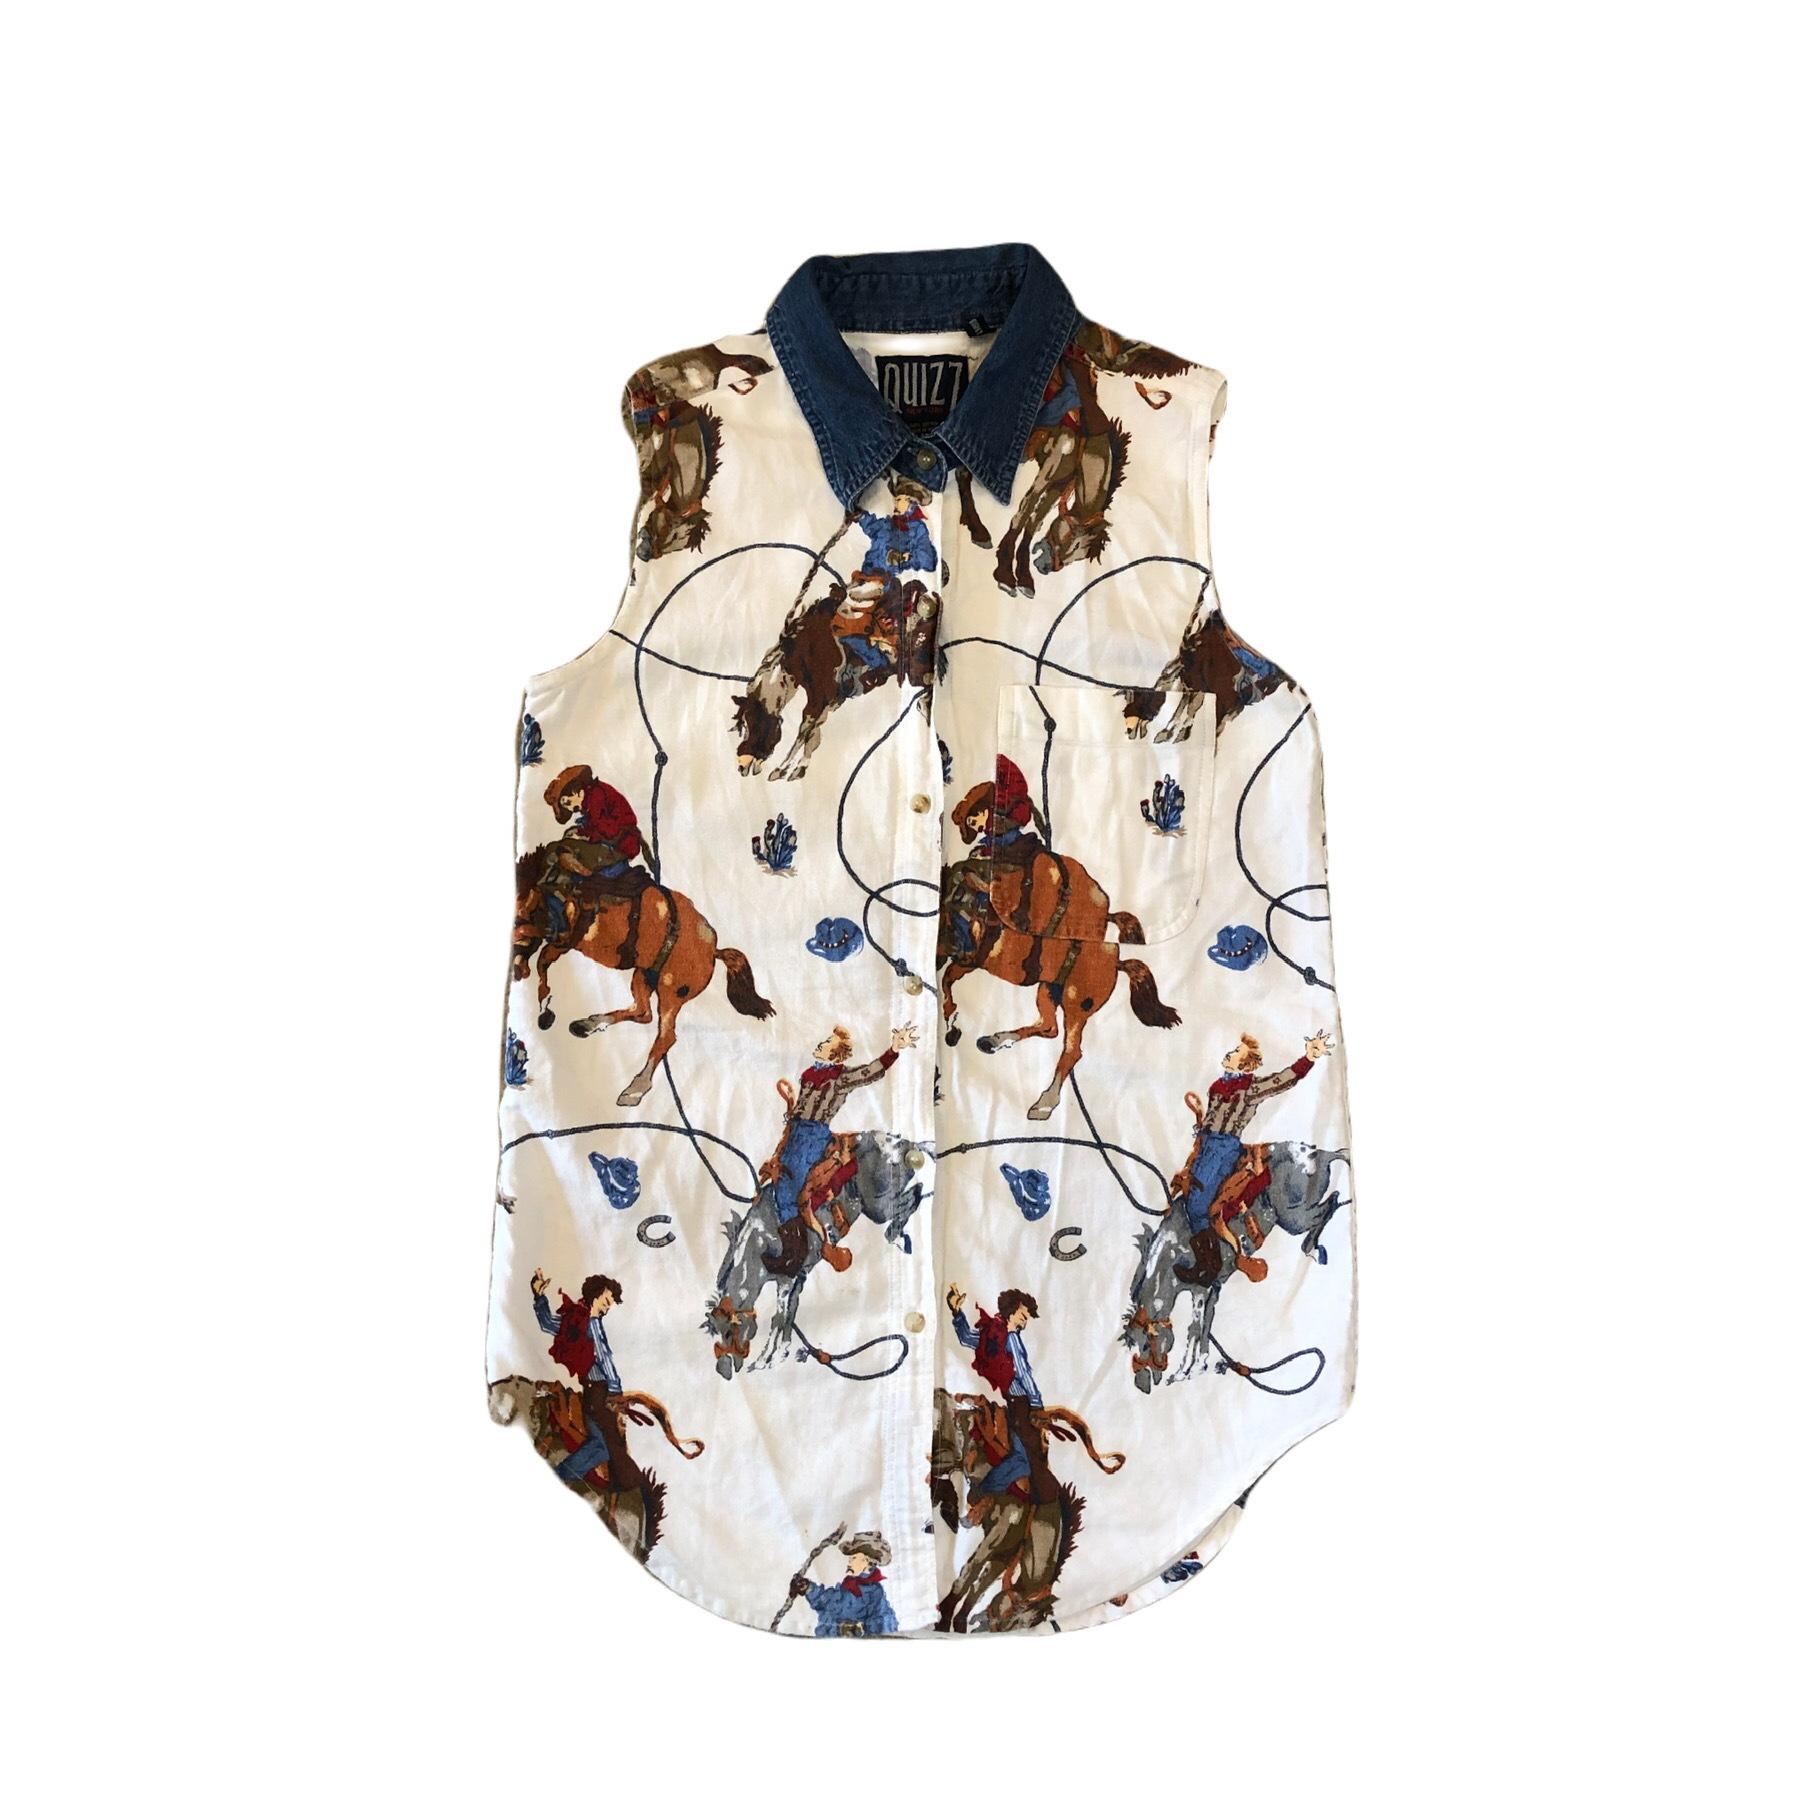 Quizz Cowboy S/L Shirts ¥4,800+tax